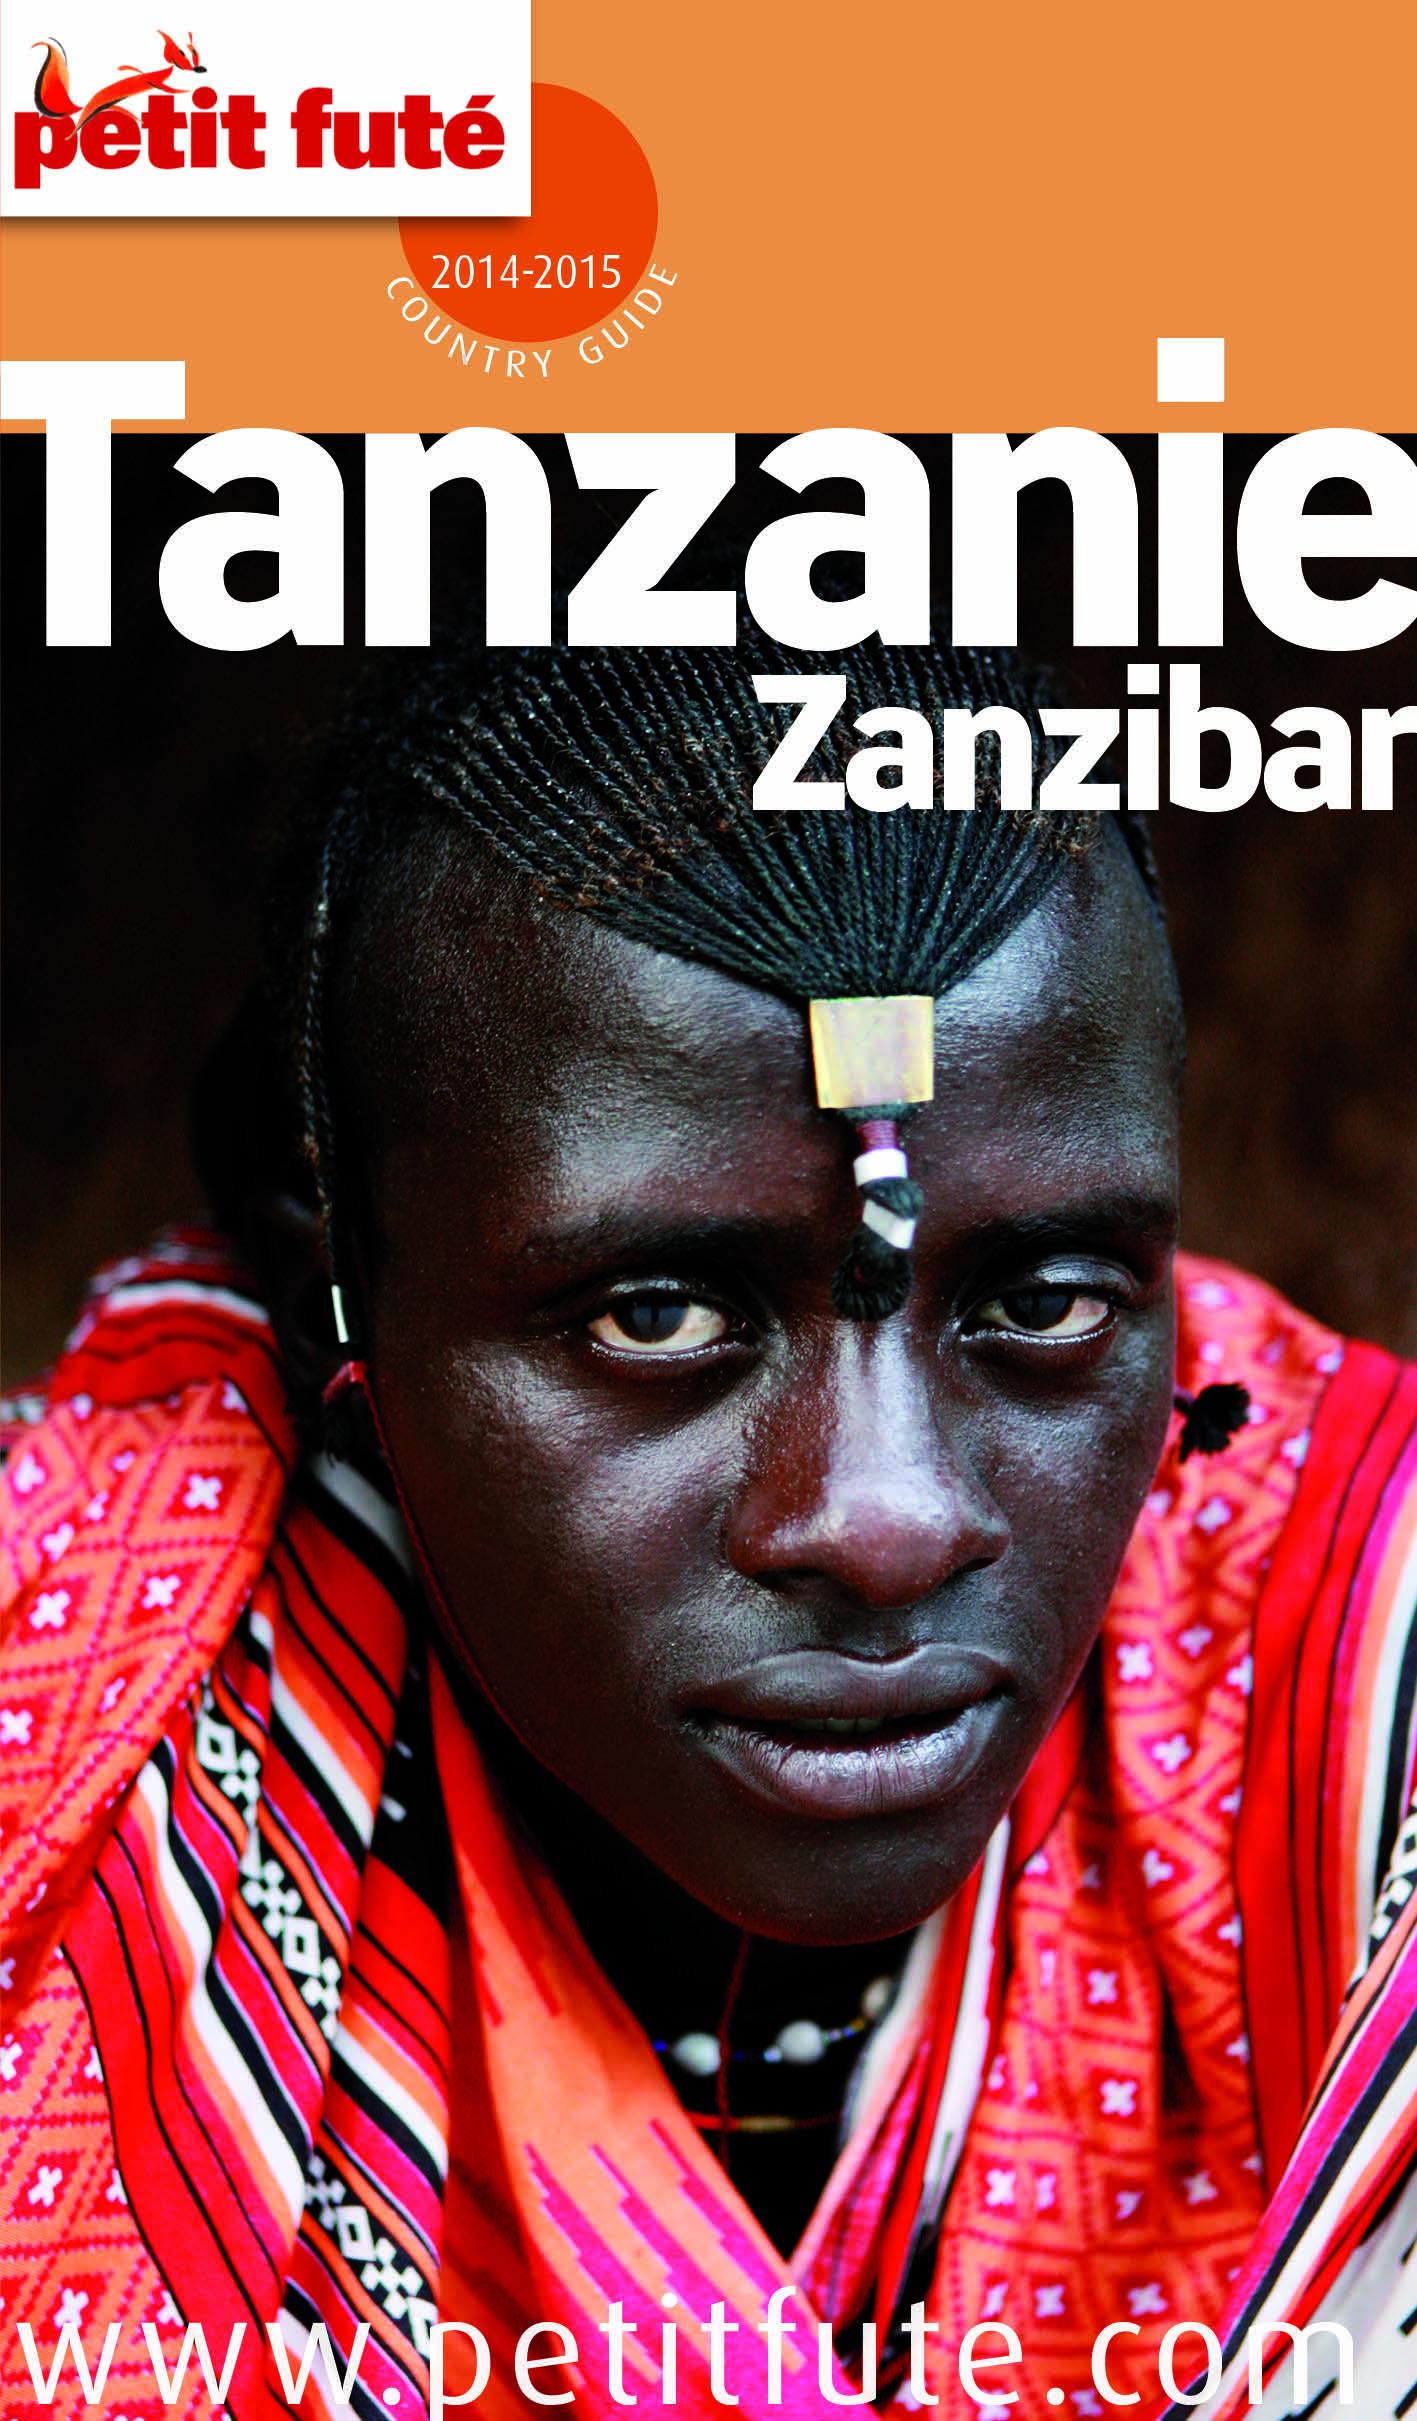 Tanzanie - Zanzibar 2014-2015 Petit Futé (avec cartes, photos + avis des lecteurs)